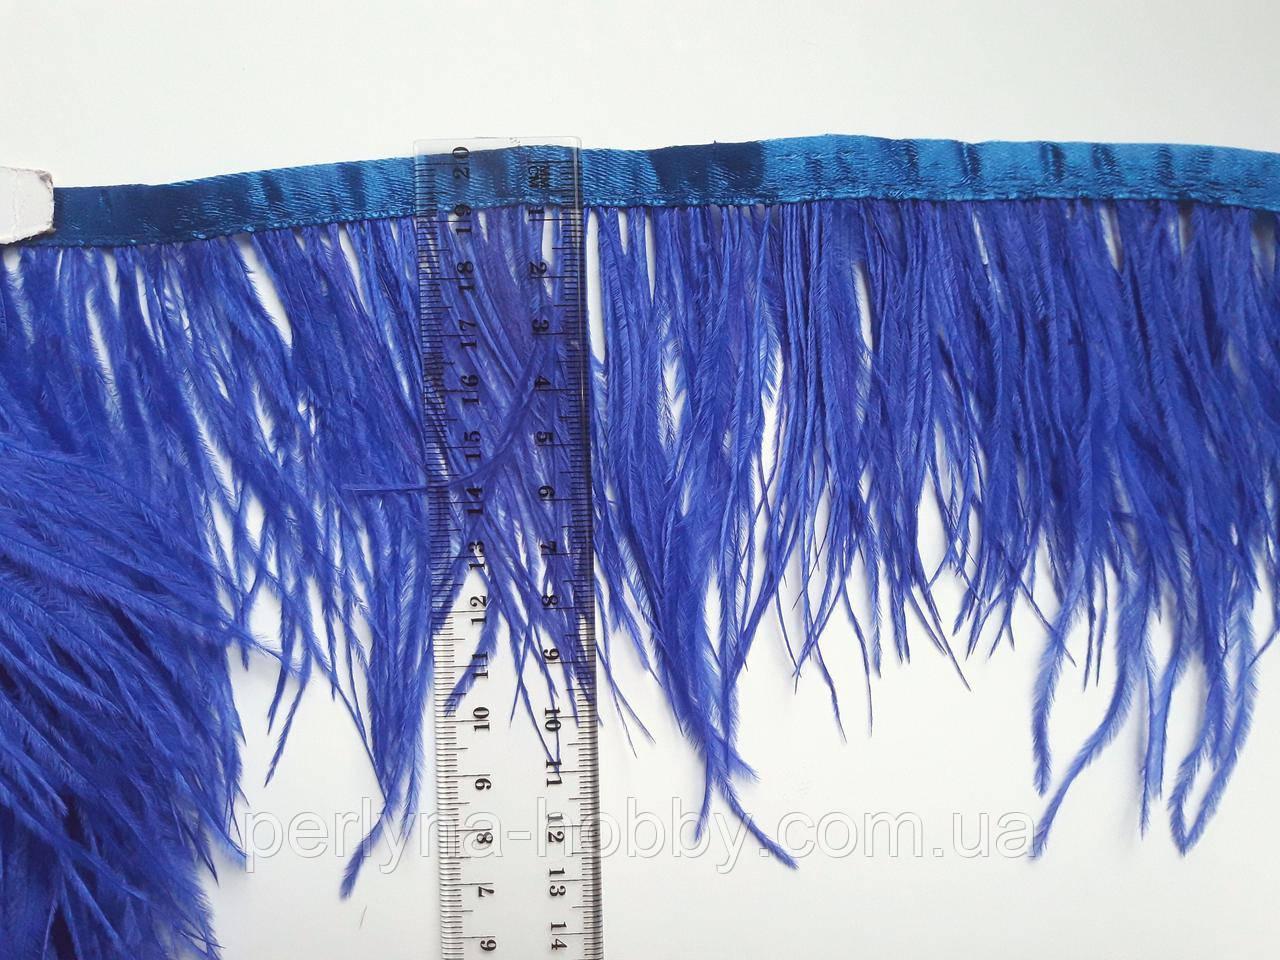 Пір'я страуса на тасьмі синє, 10-12 см.  Ціна за 20 см